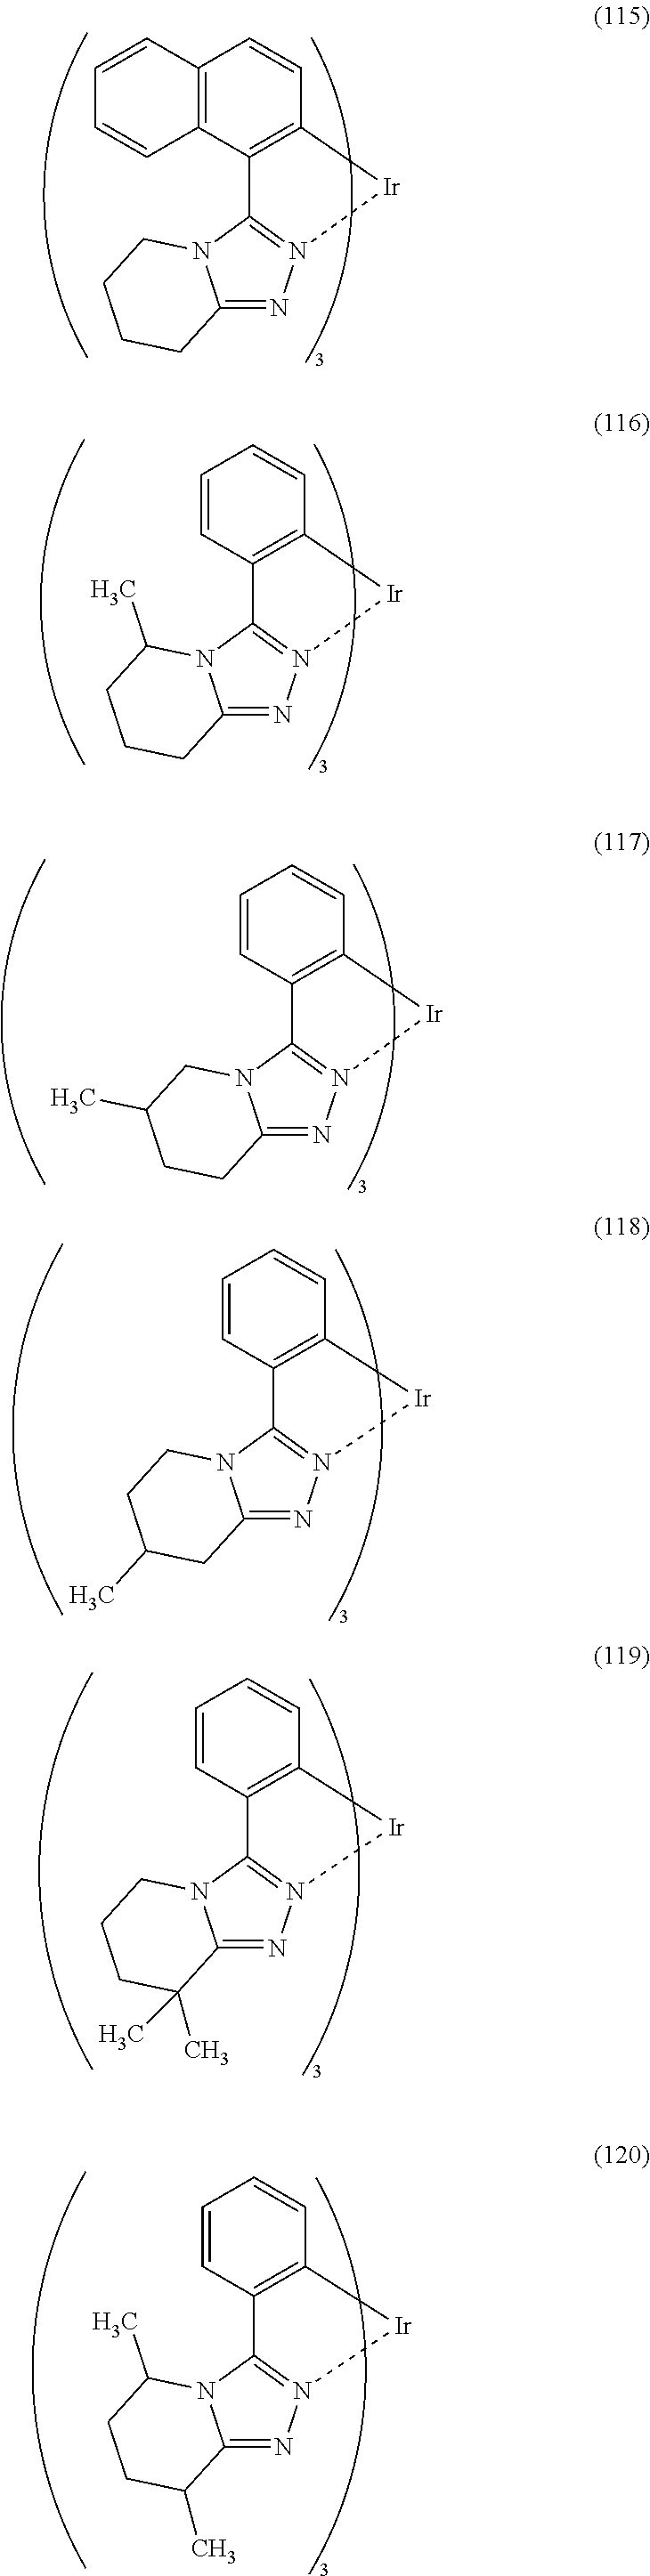 Figure US09741946-20170822-C00013